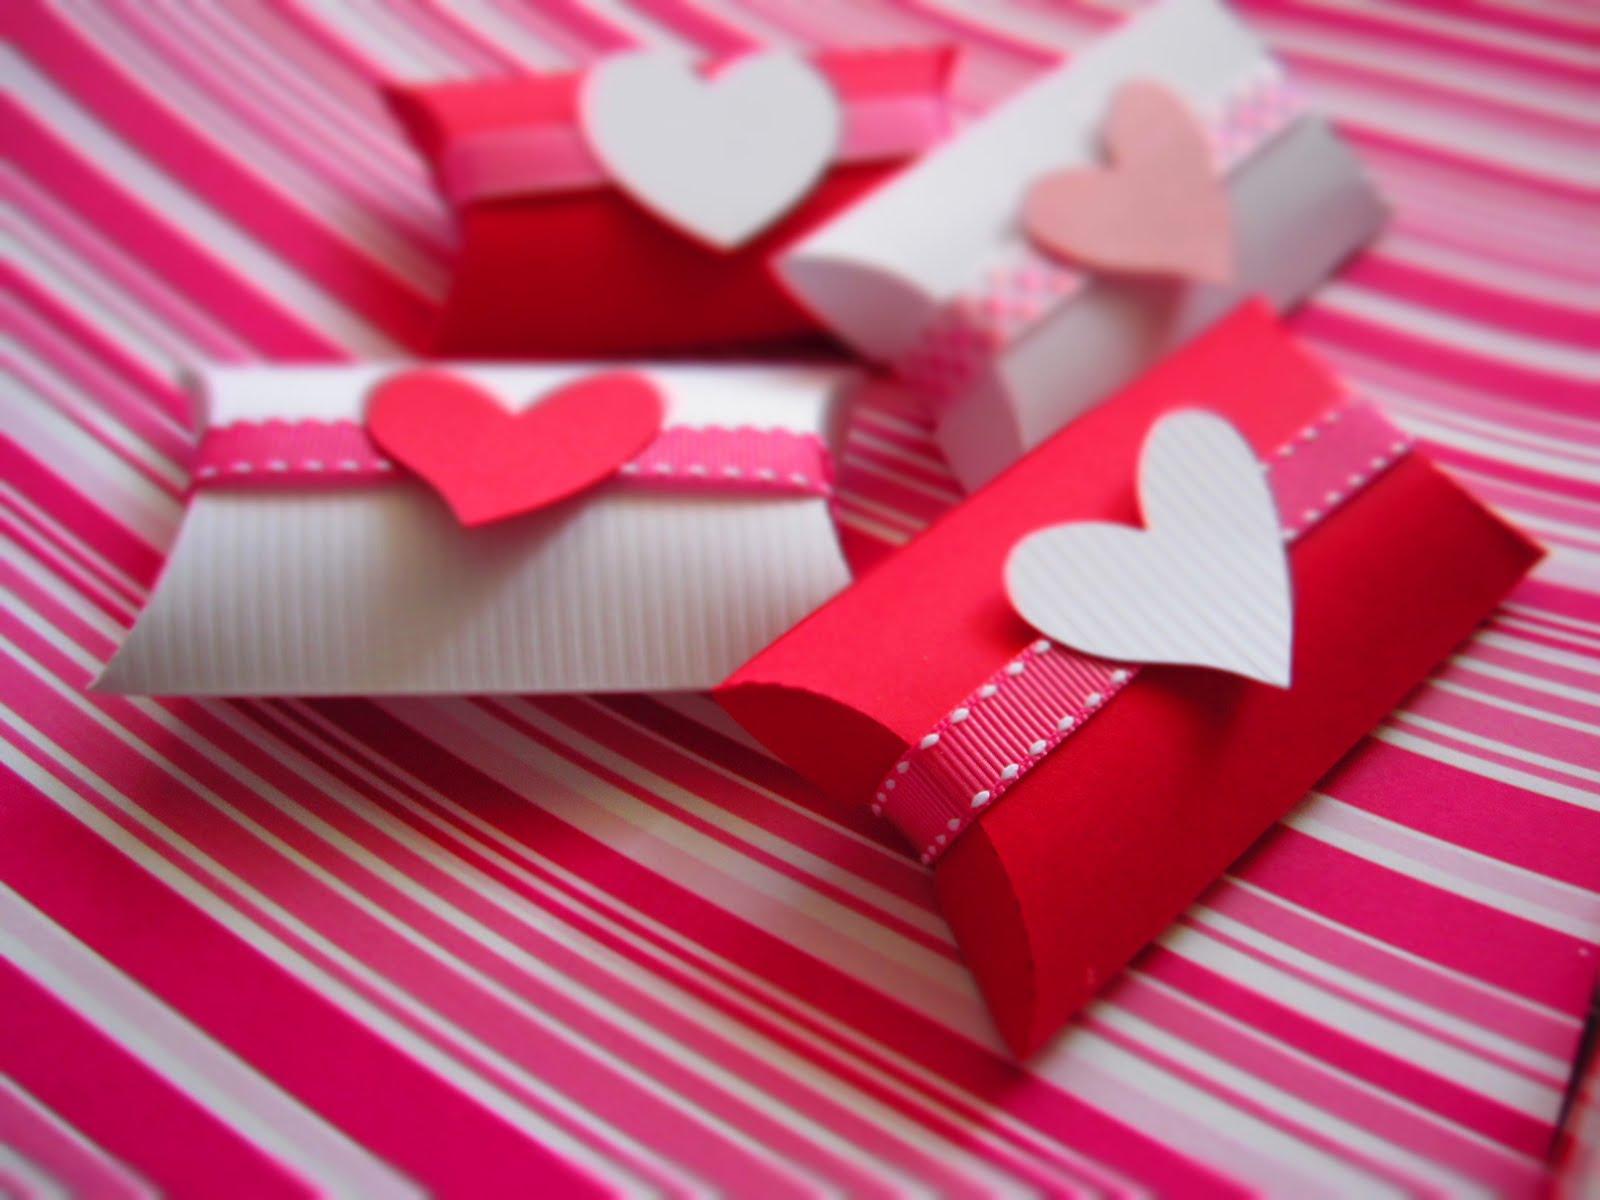 Allegro detalles que festejan amor y amistad for Detalles de decoracion